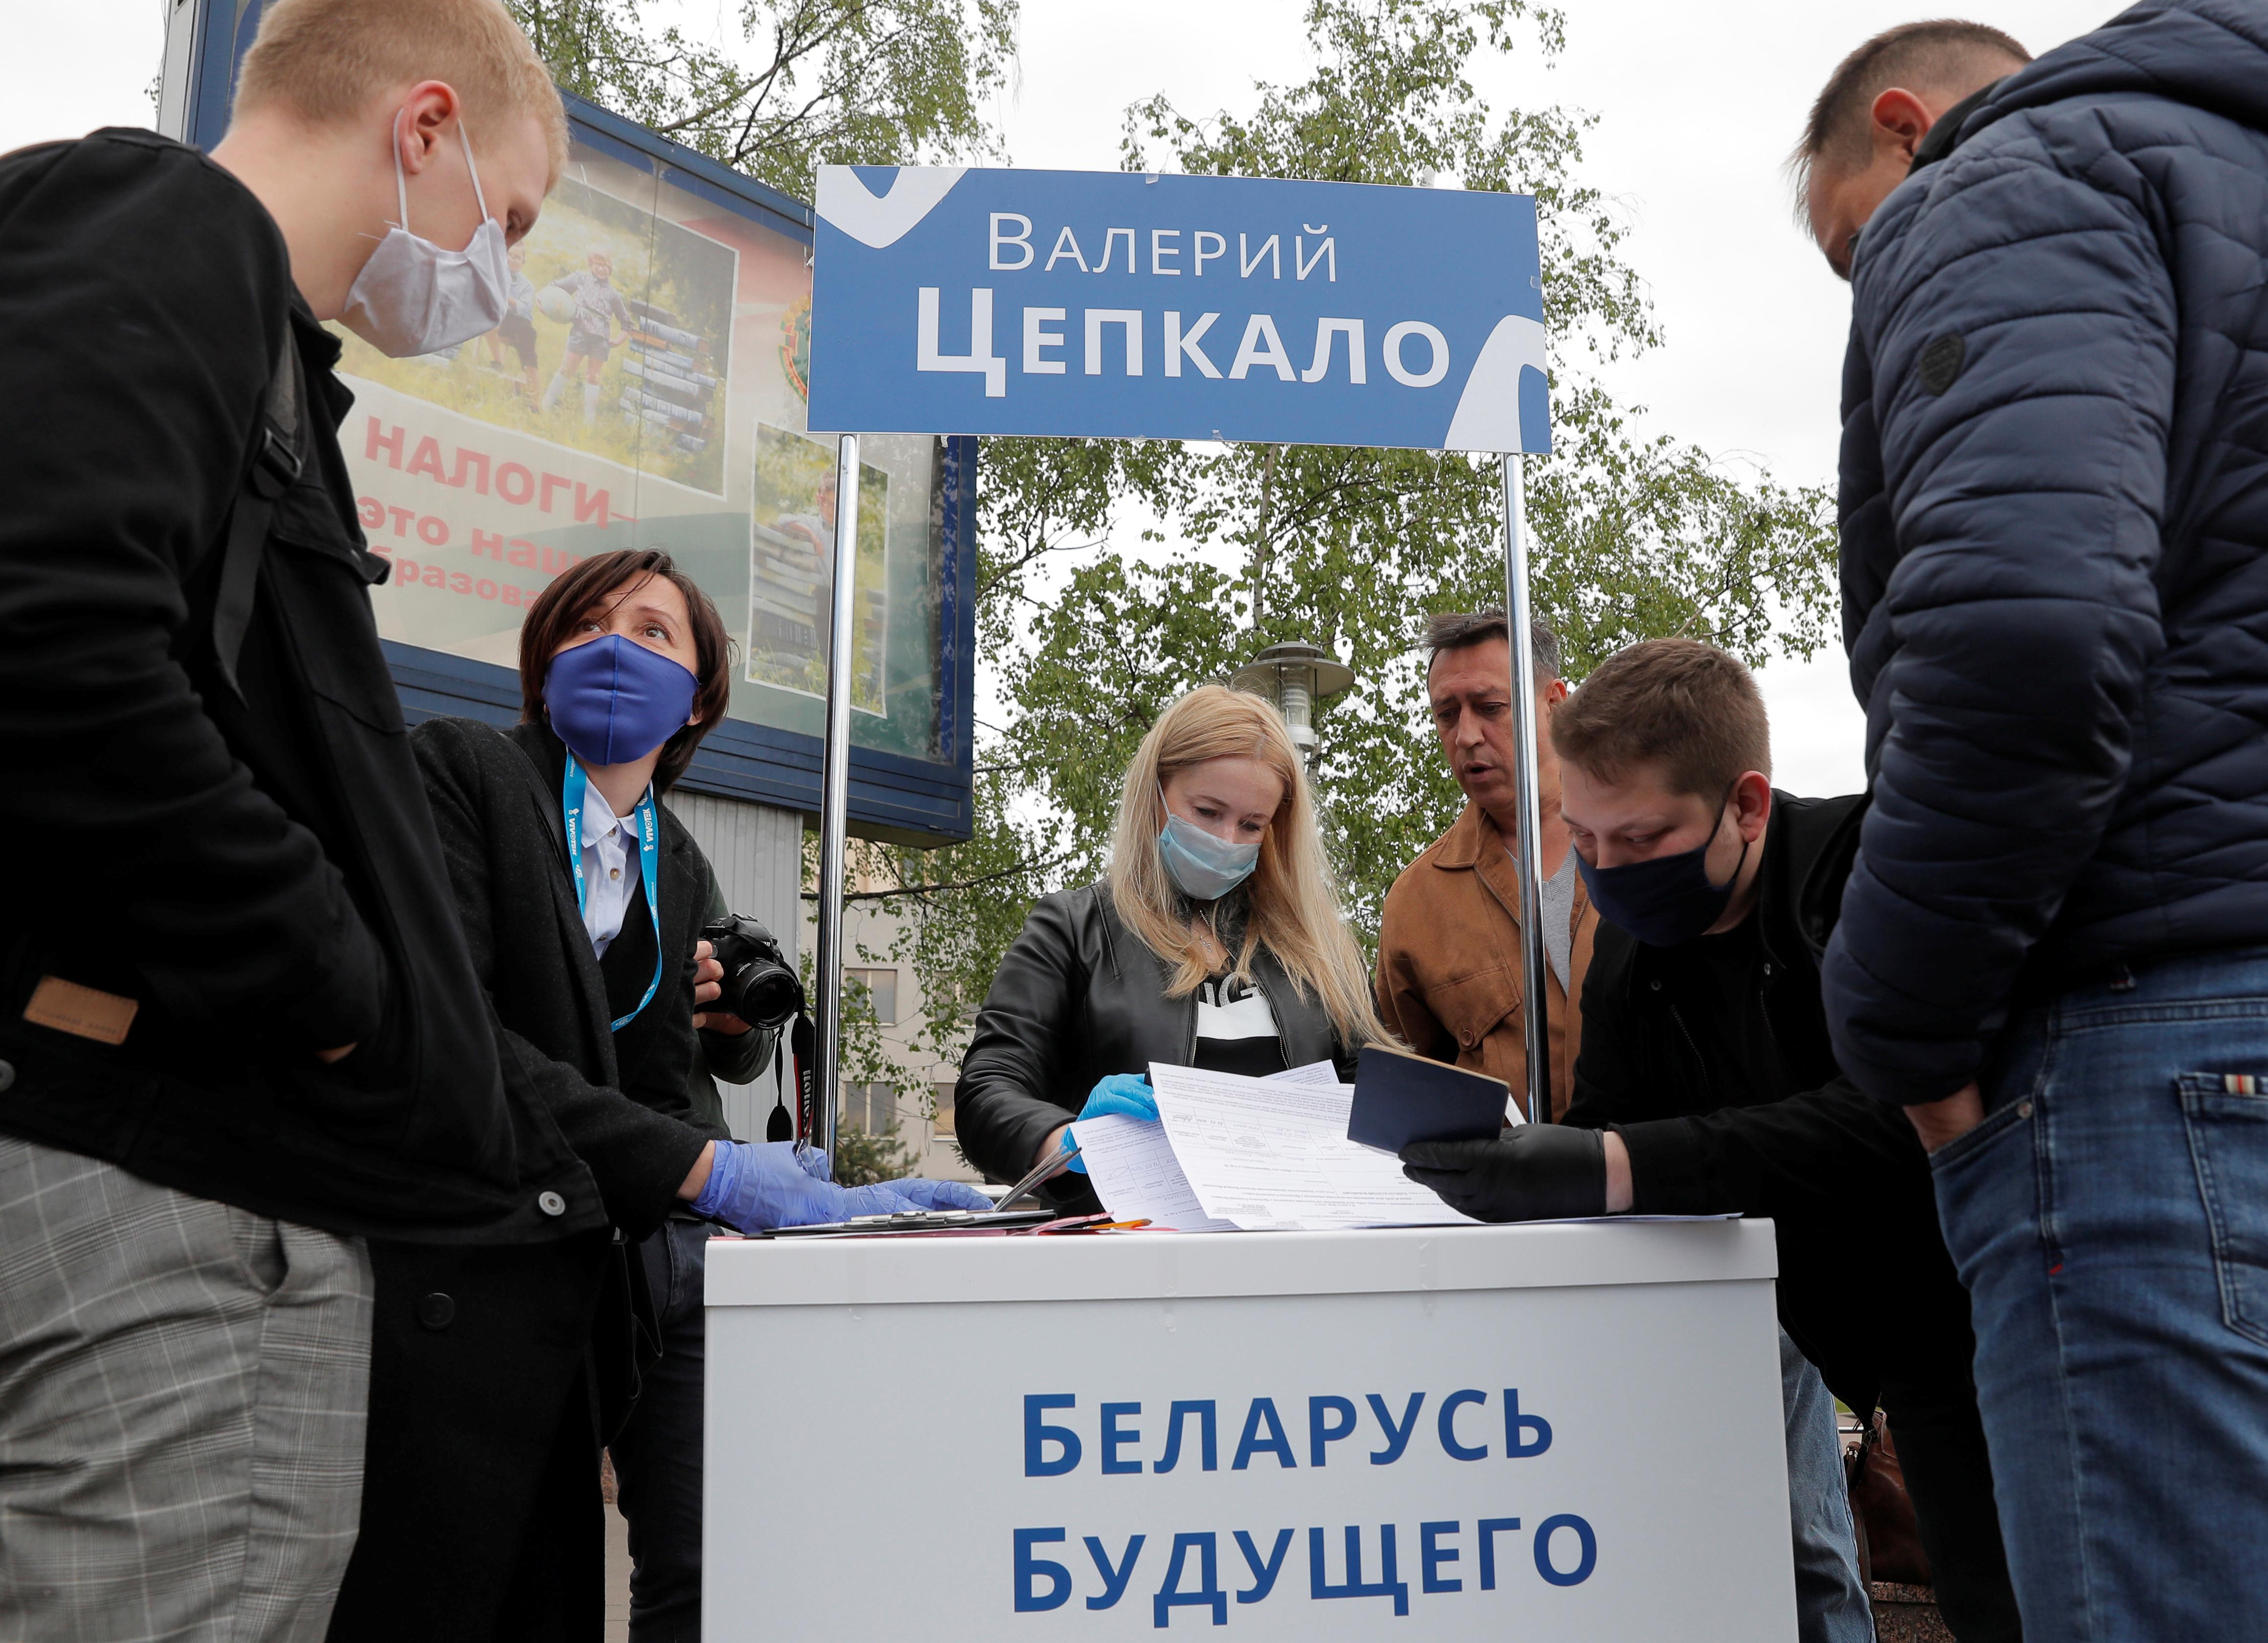 В Минске проводят обыск в доме Цепкало